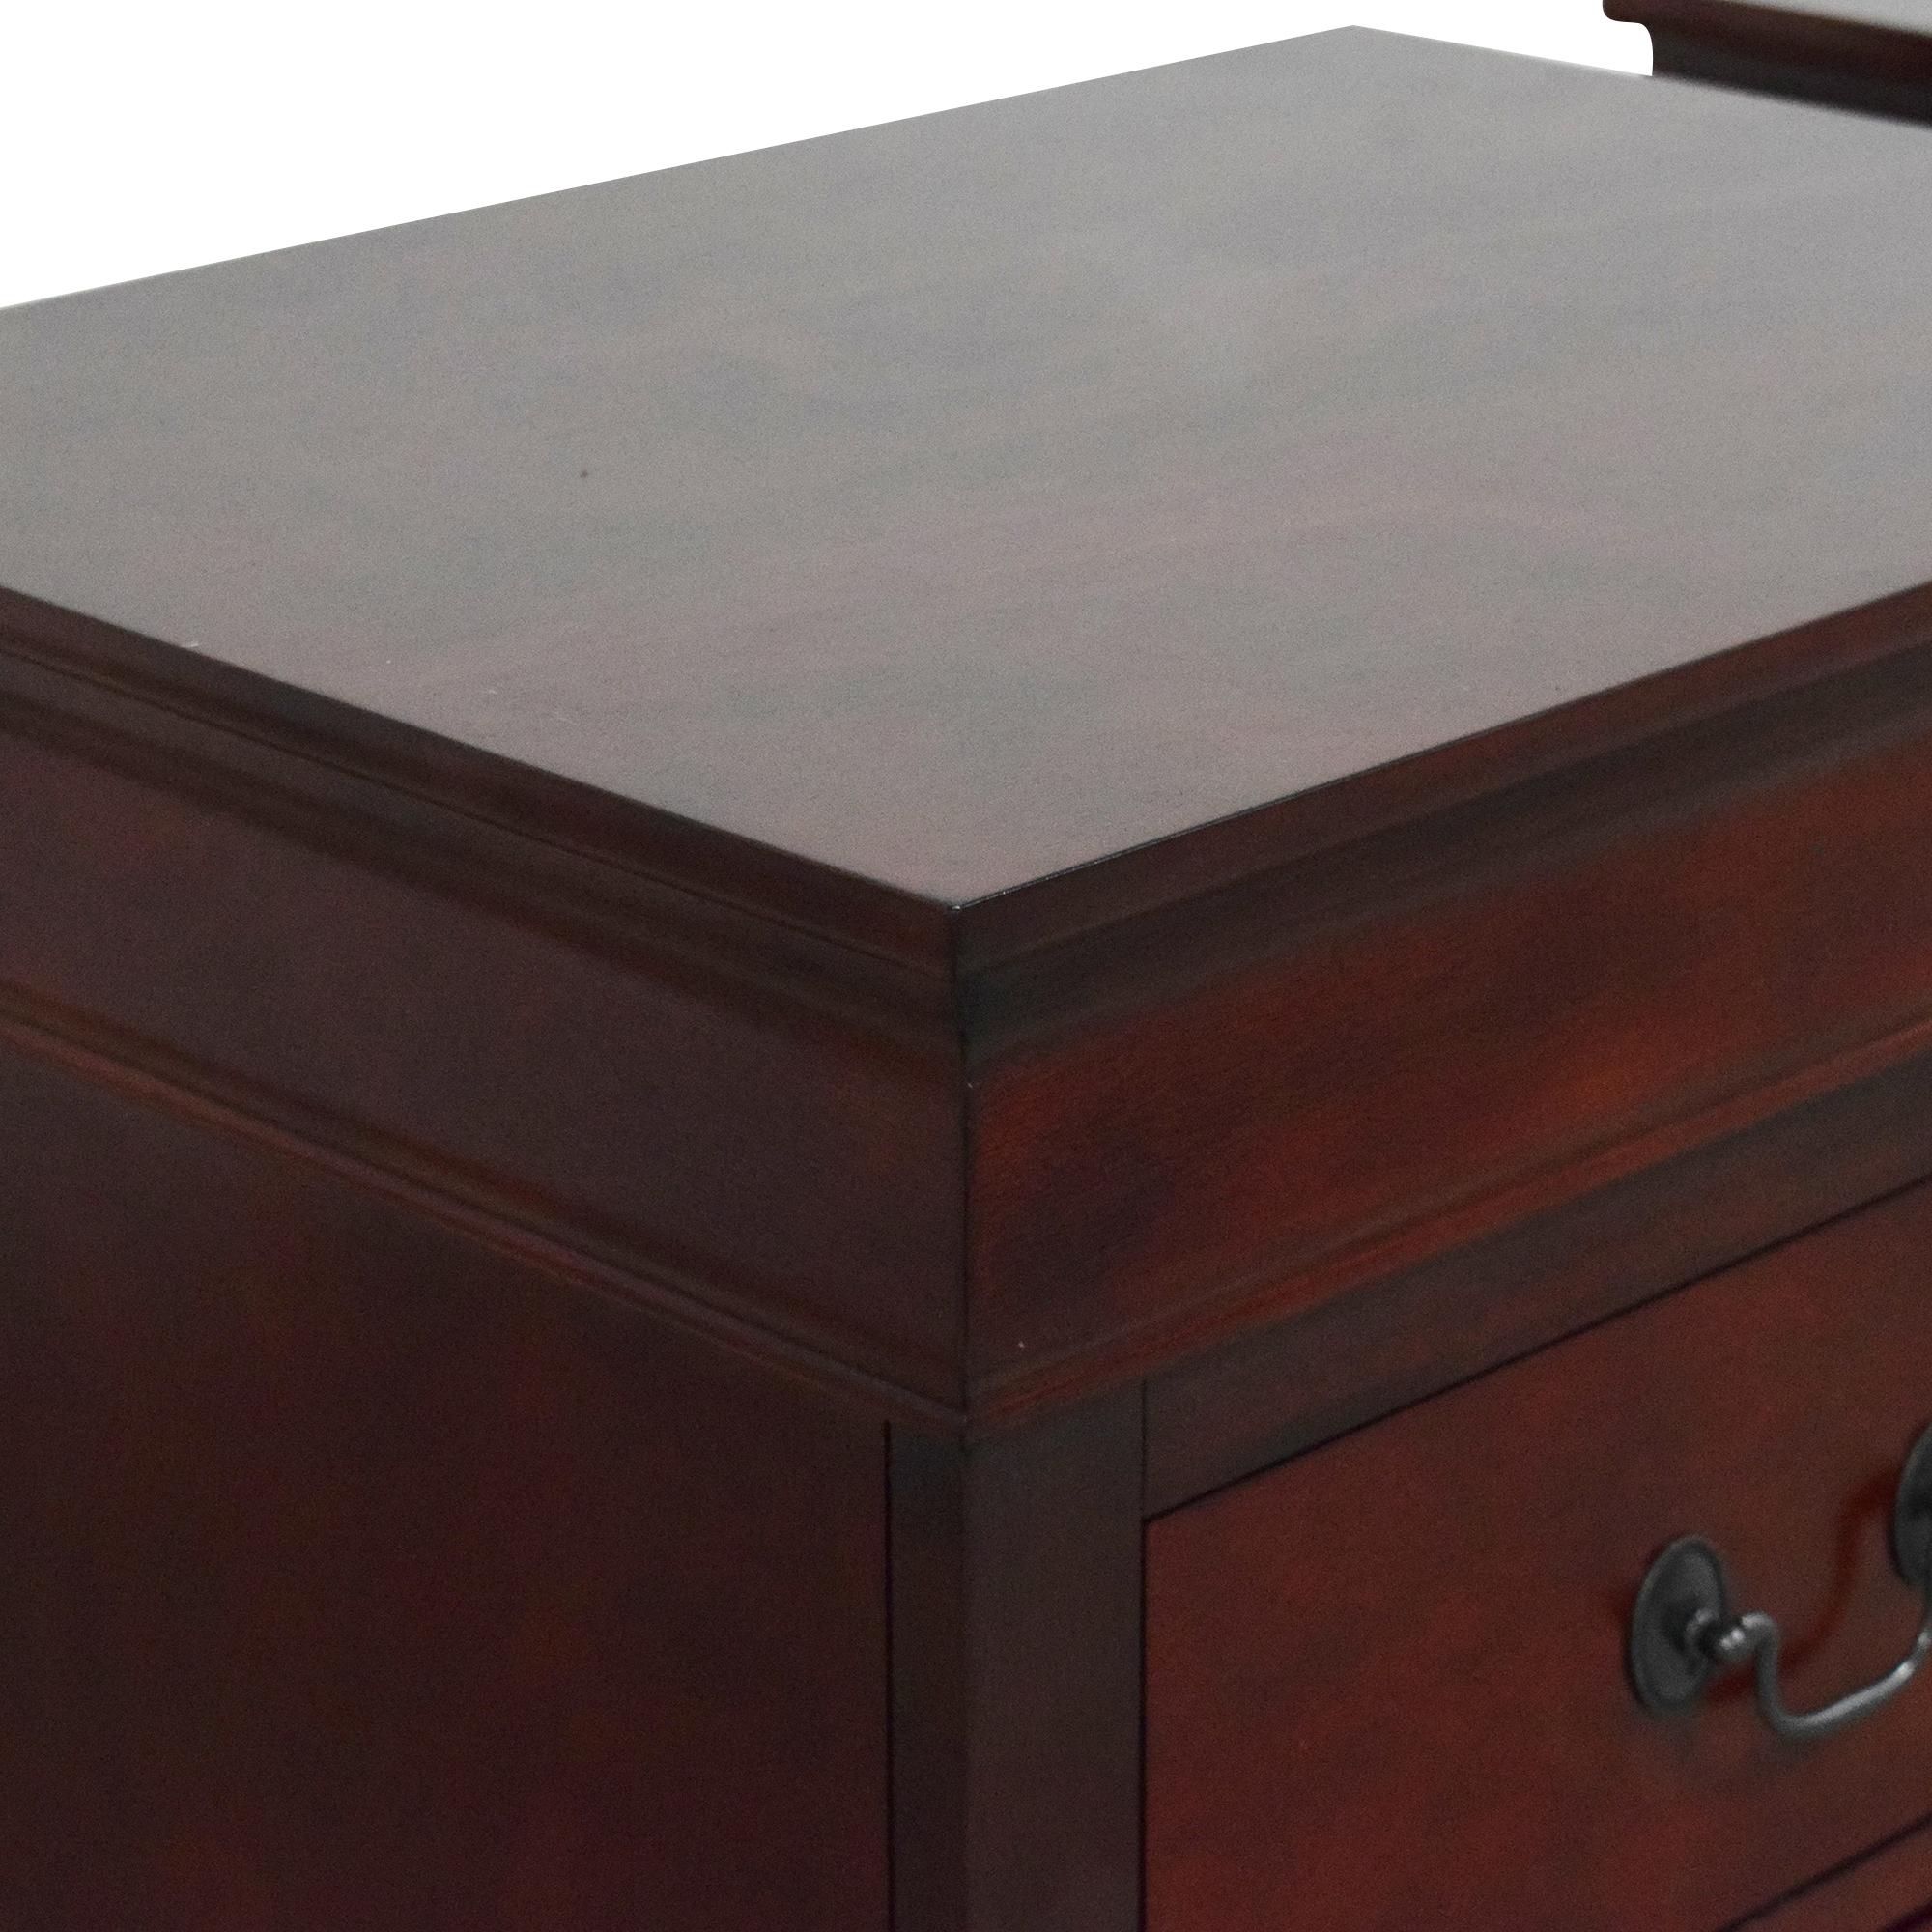 shop Baker Furniture Baker Furniture Two Drawer Nightstands online